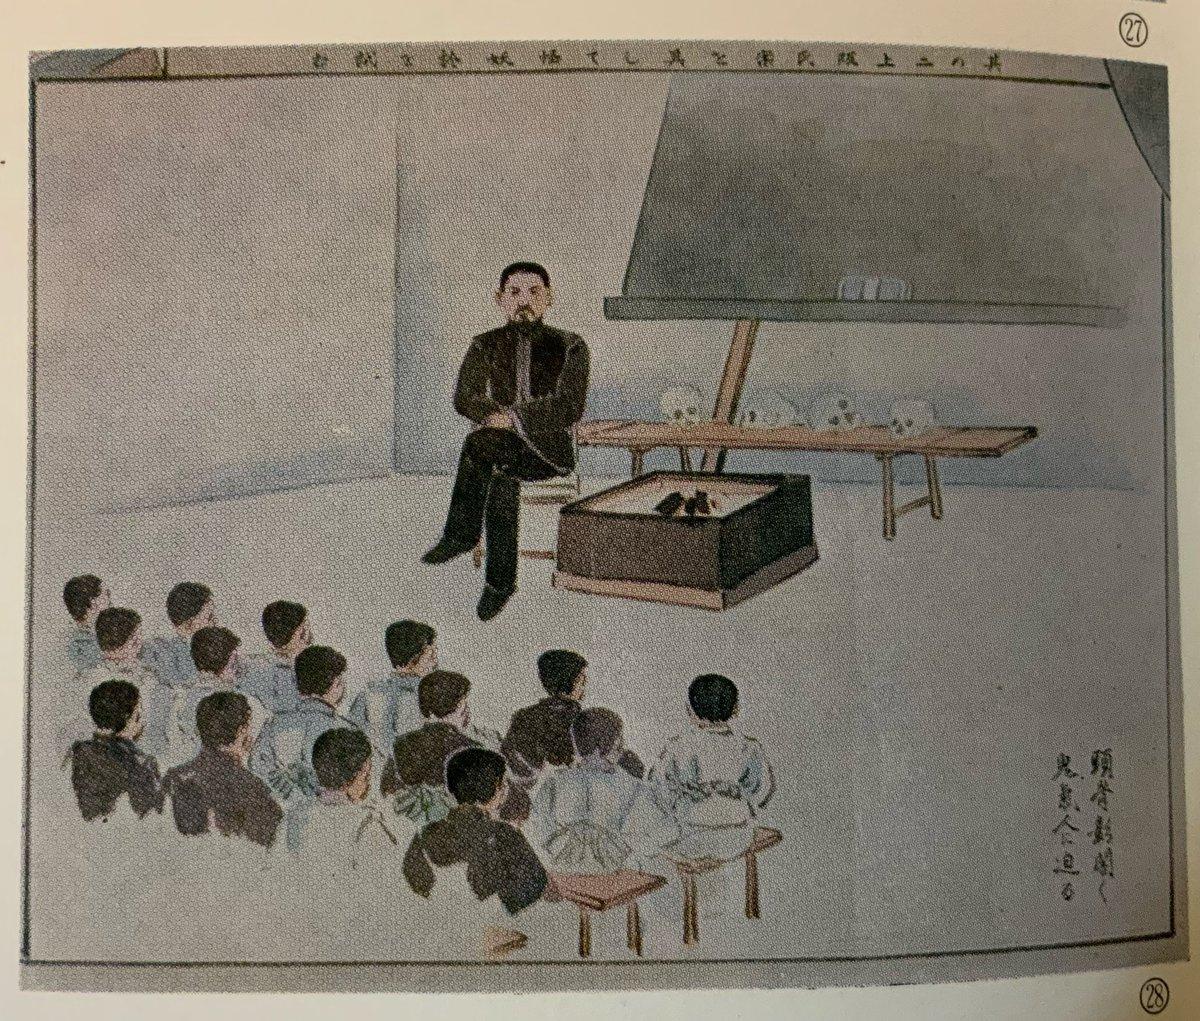 明治時代の教育は厳しい。